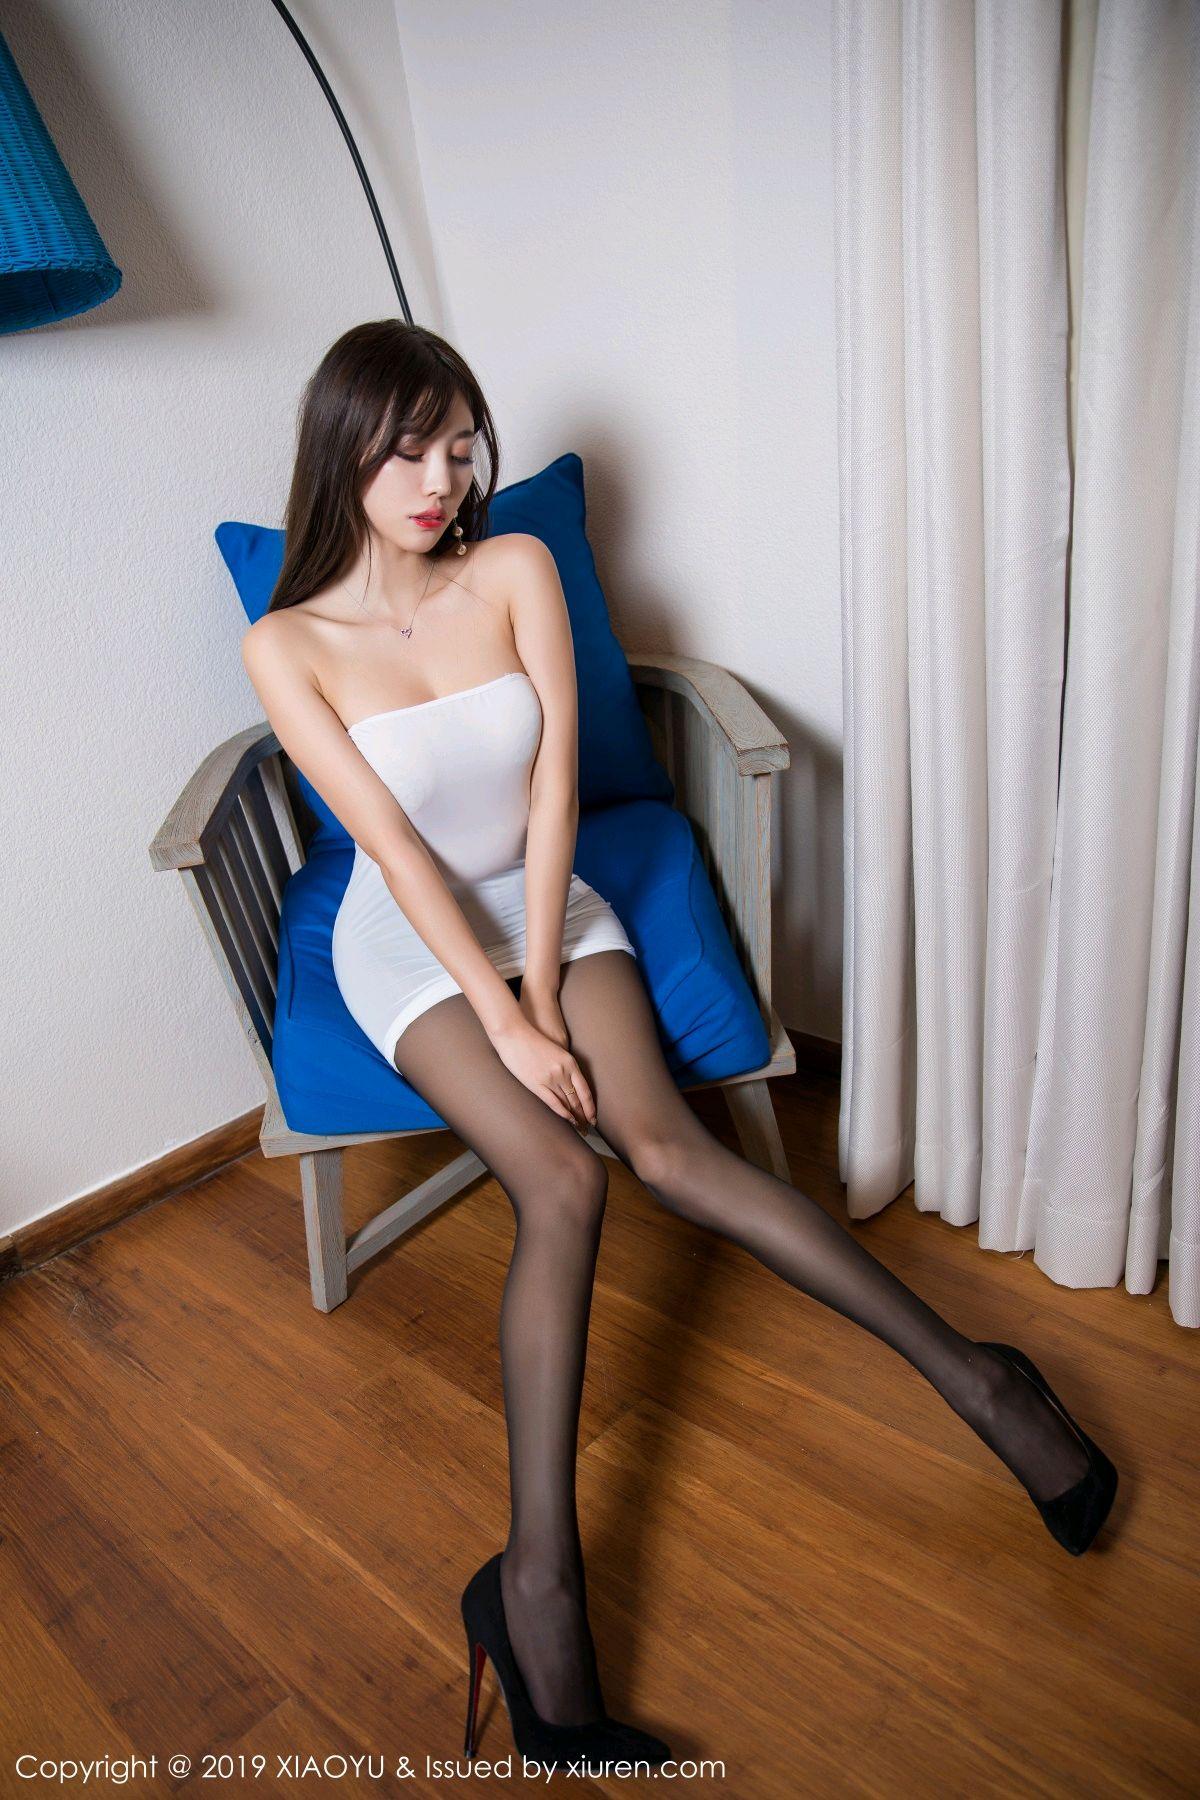 [XiaoYu] Vol.138 Yang Chen Chen 28P, Black Silk, Tall, XiaoYu, Yang Chen Chen